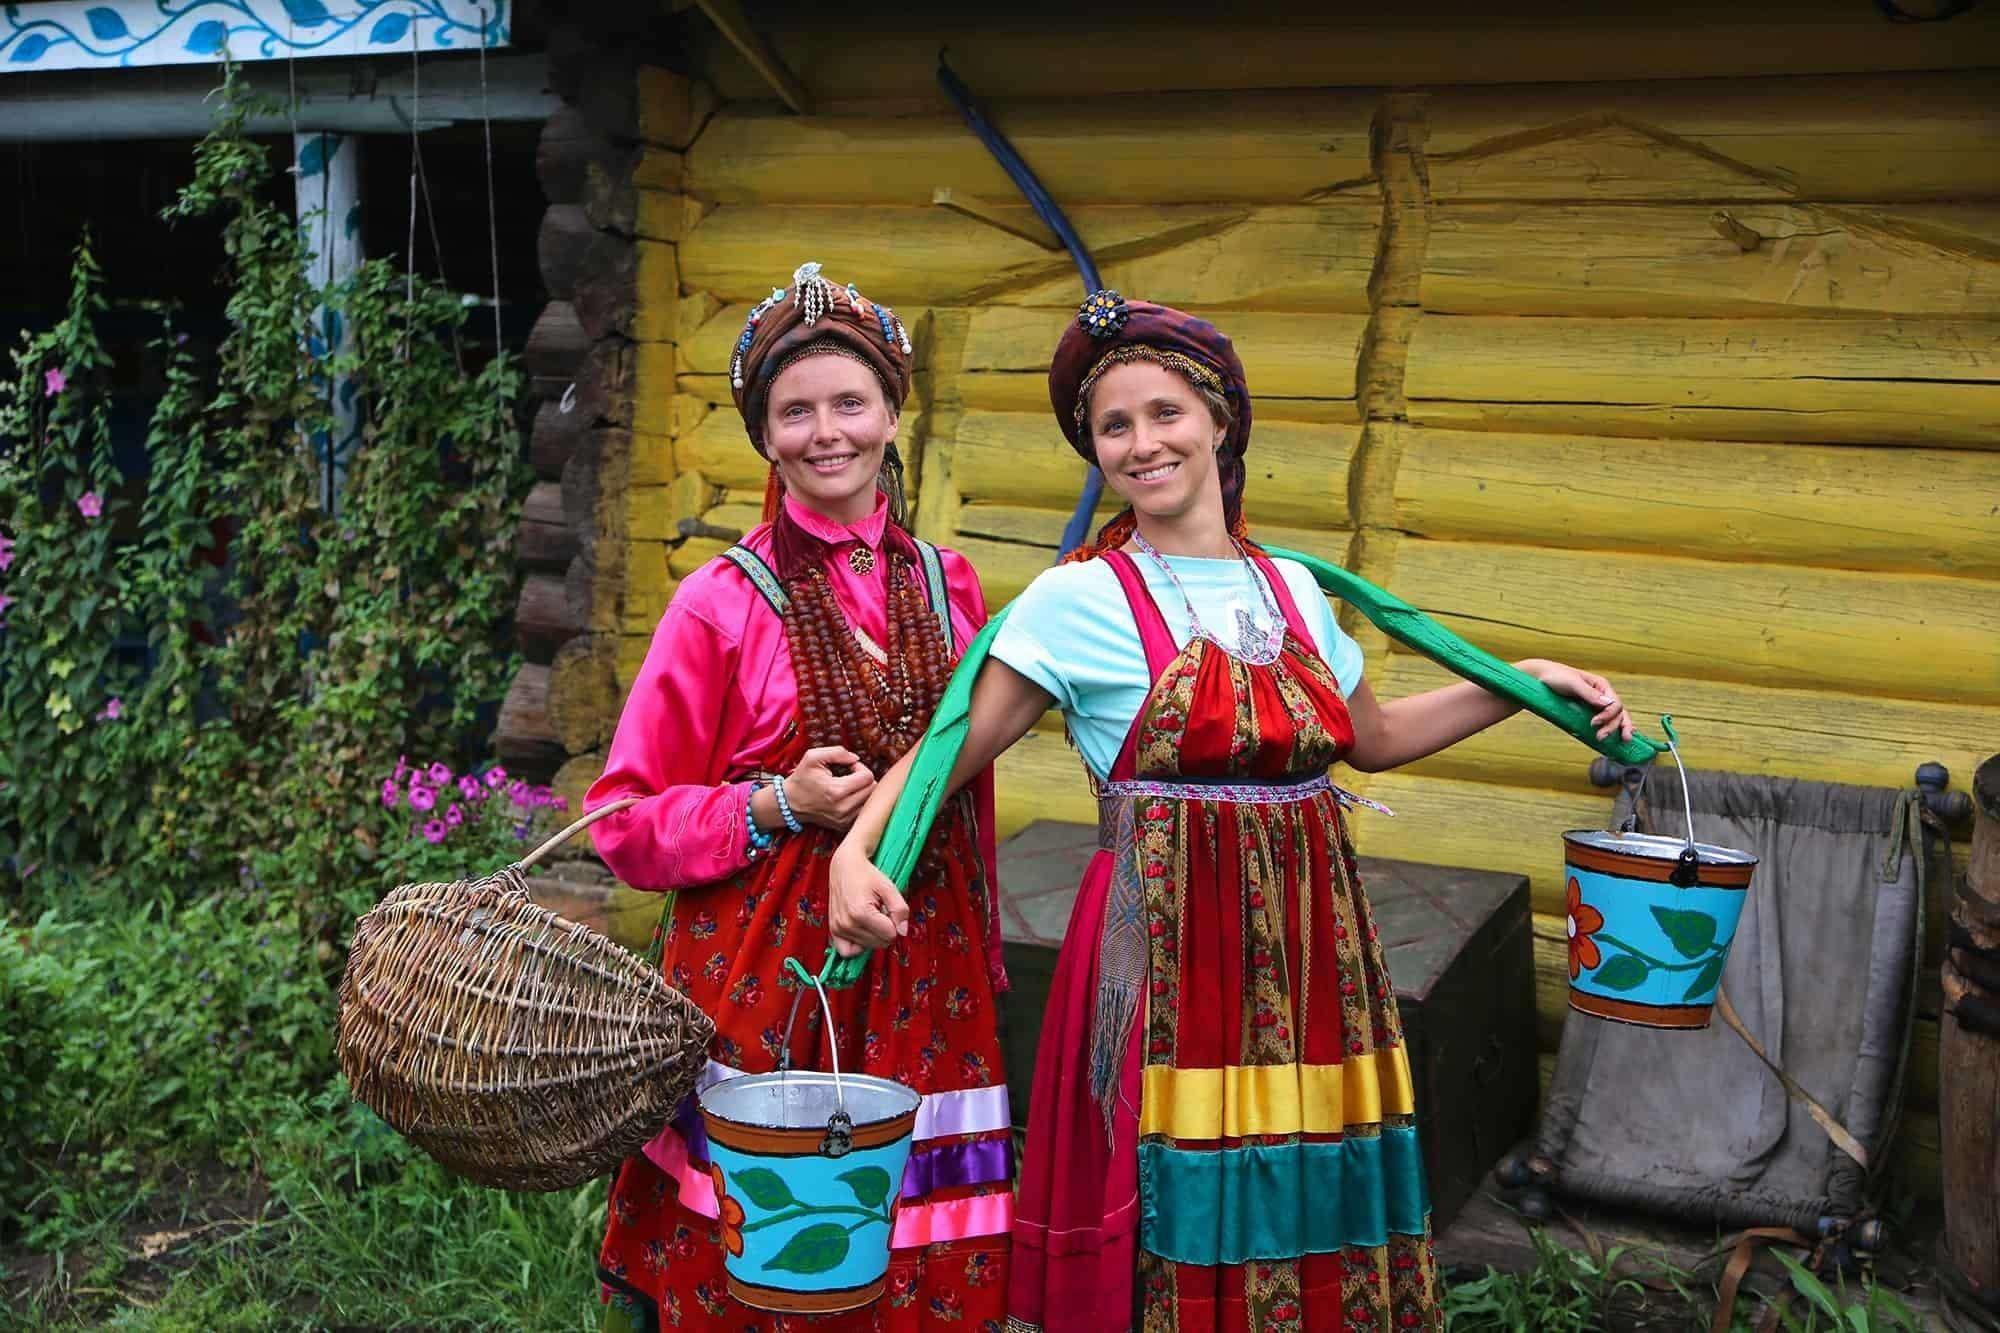 Tur-na-baikal-olkhon-i-buryatiya-2020-(37)_1567683642